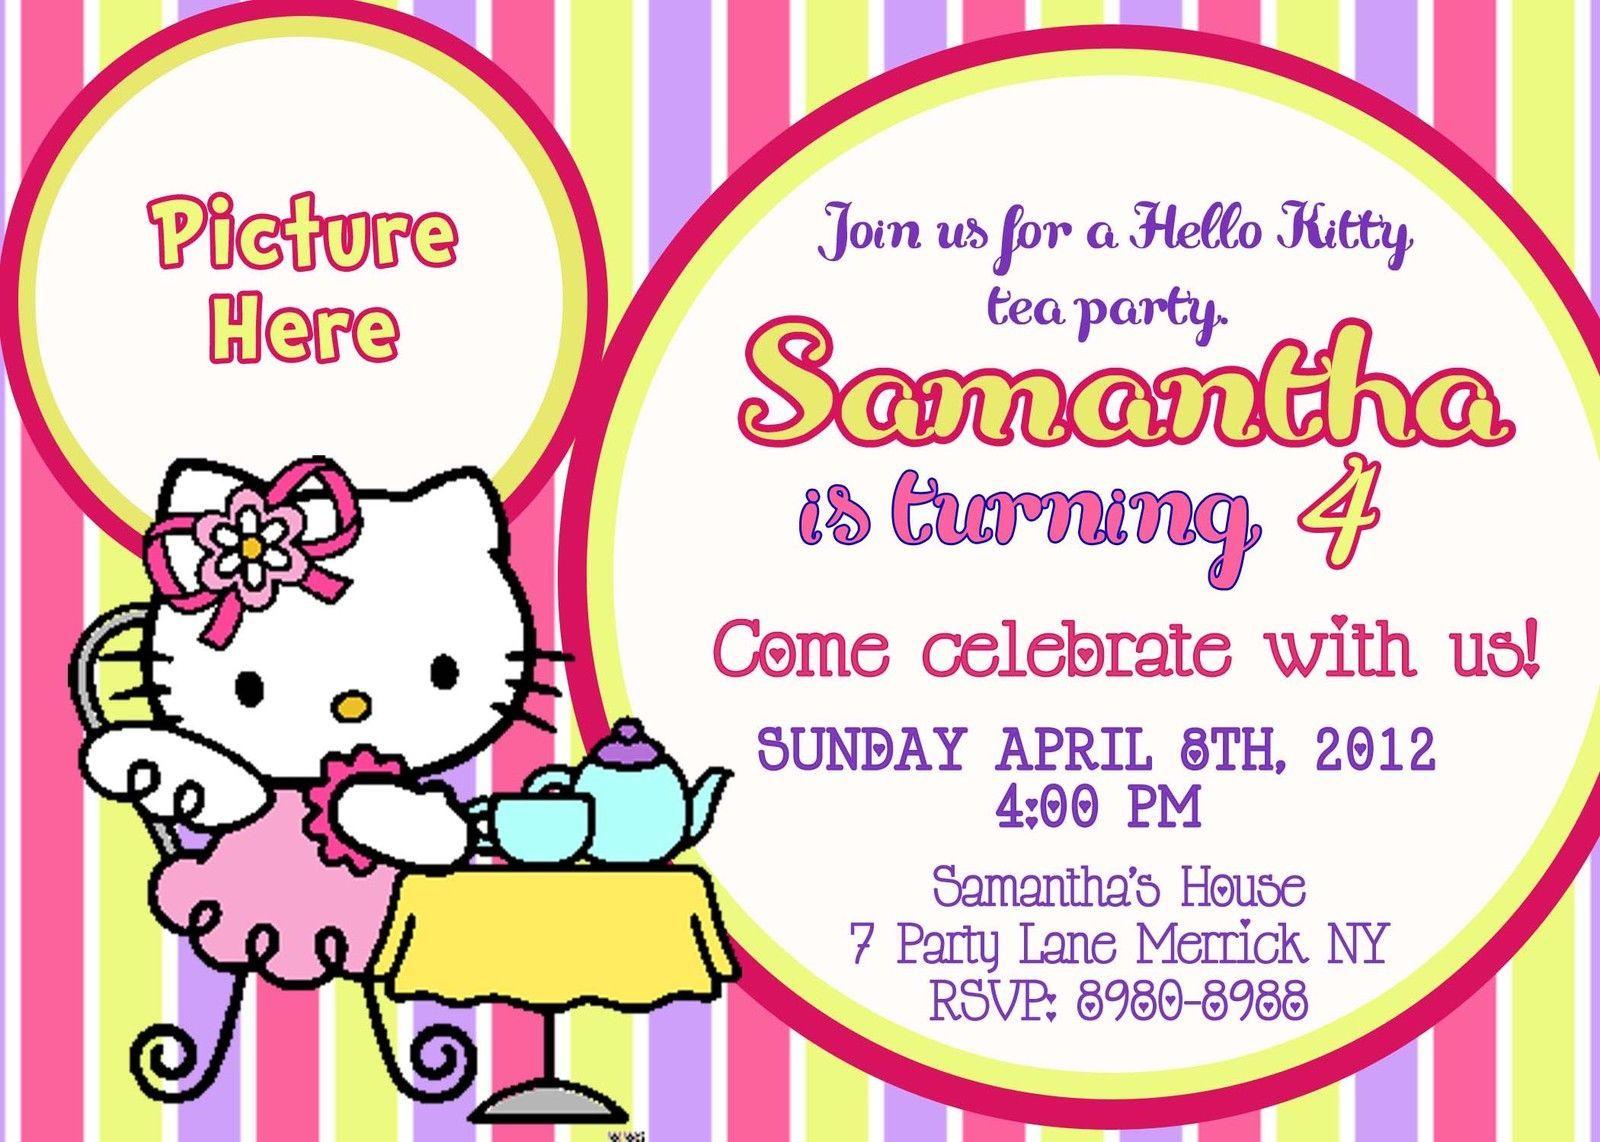 Free Printable Hello Kitty Birthday Party Invitations Hello kitty